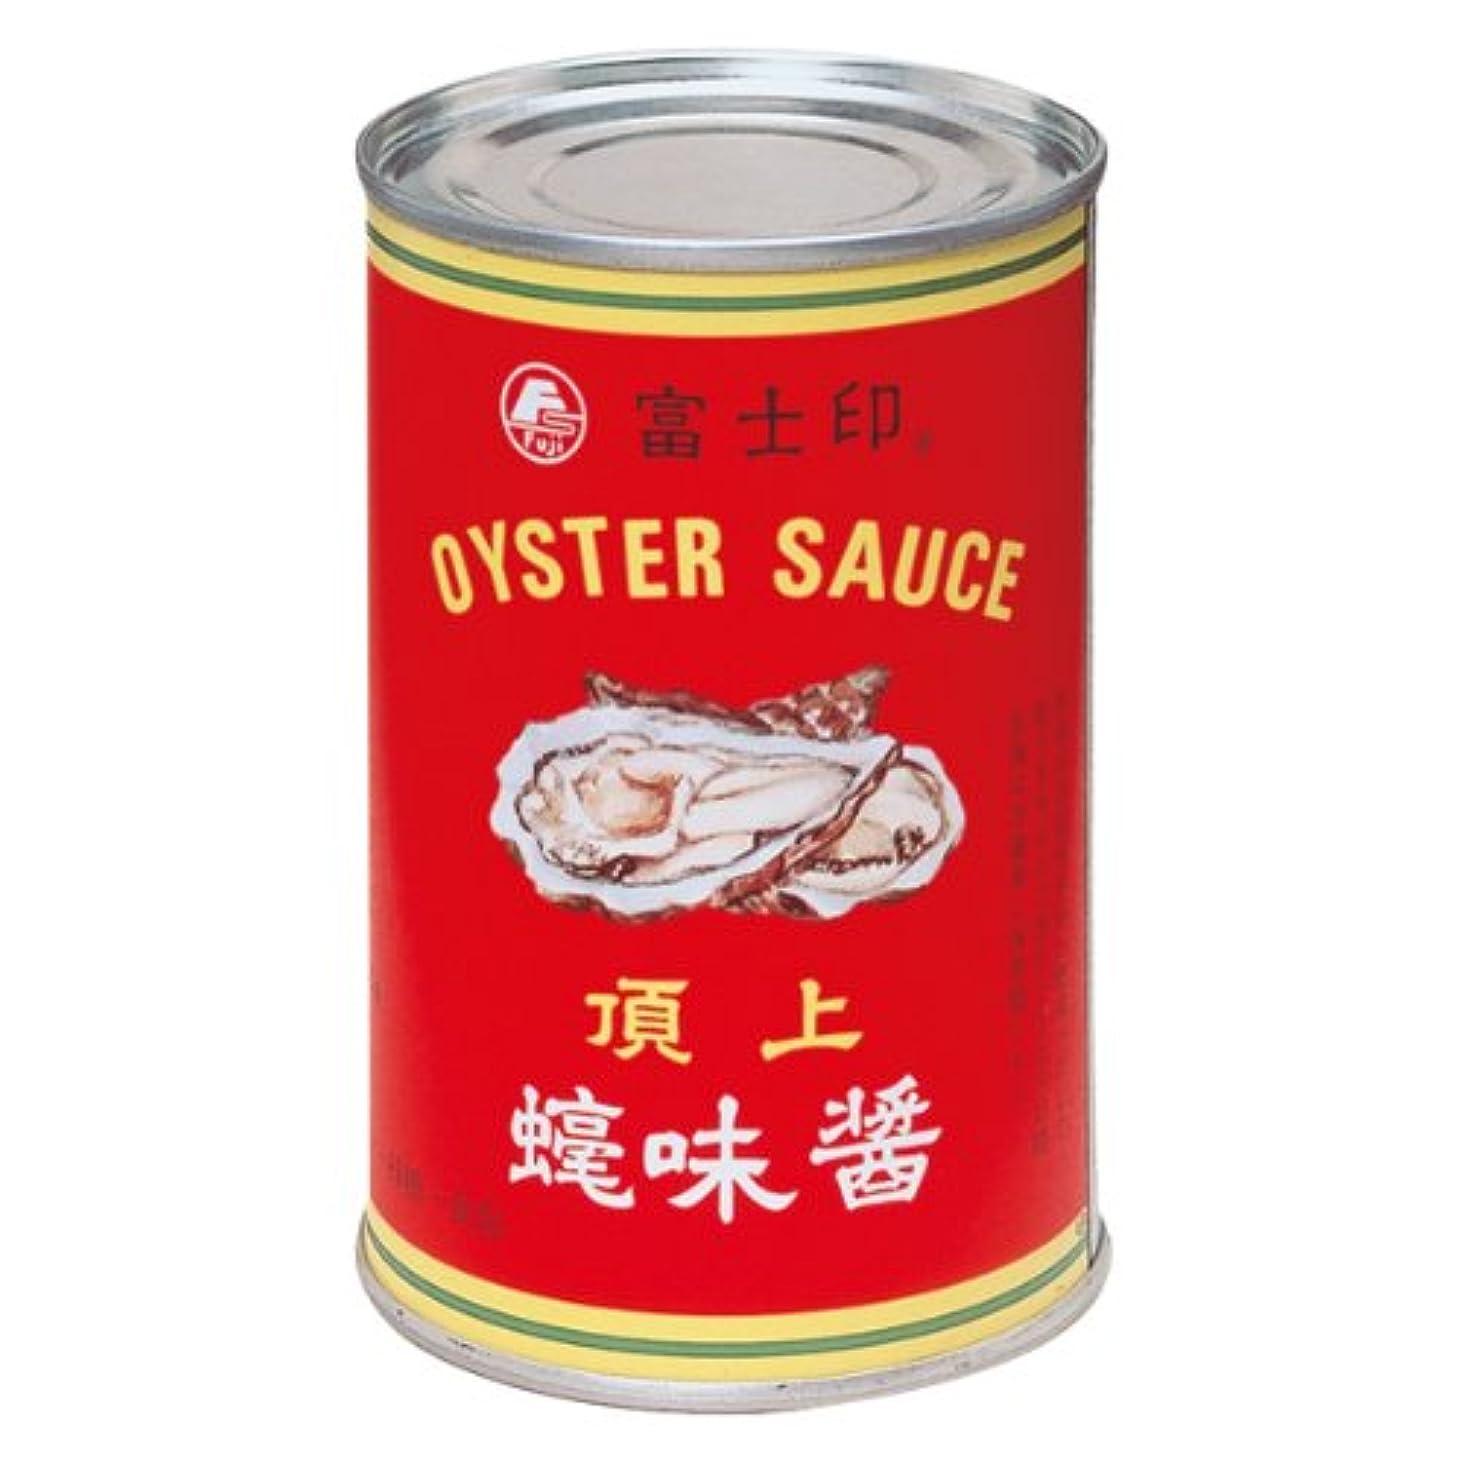 に対応する価値維持富士食品 オイスターソース 450g